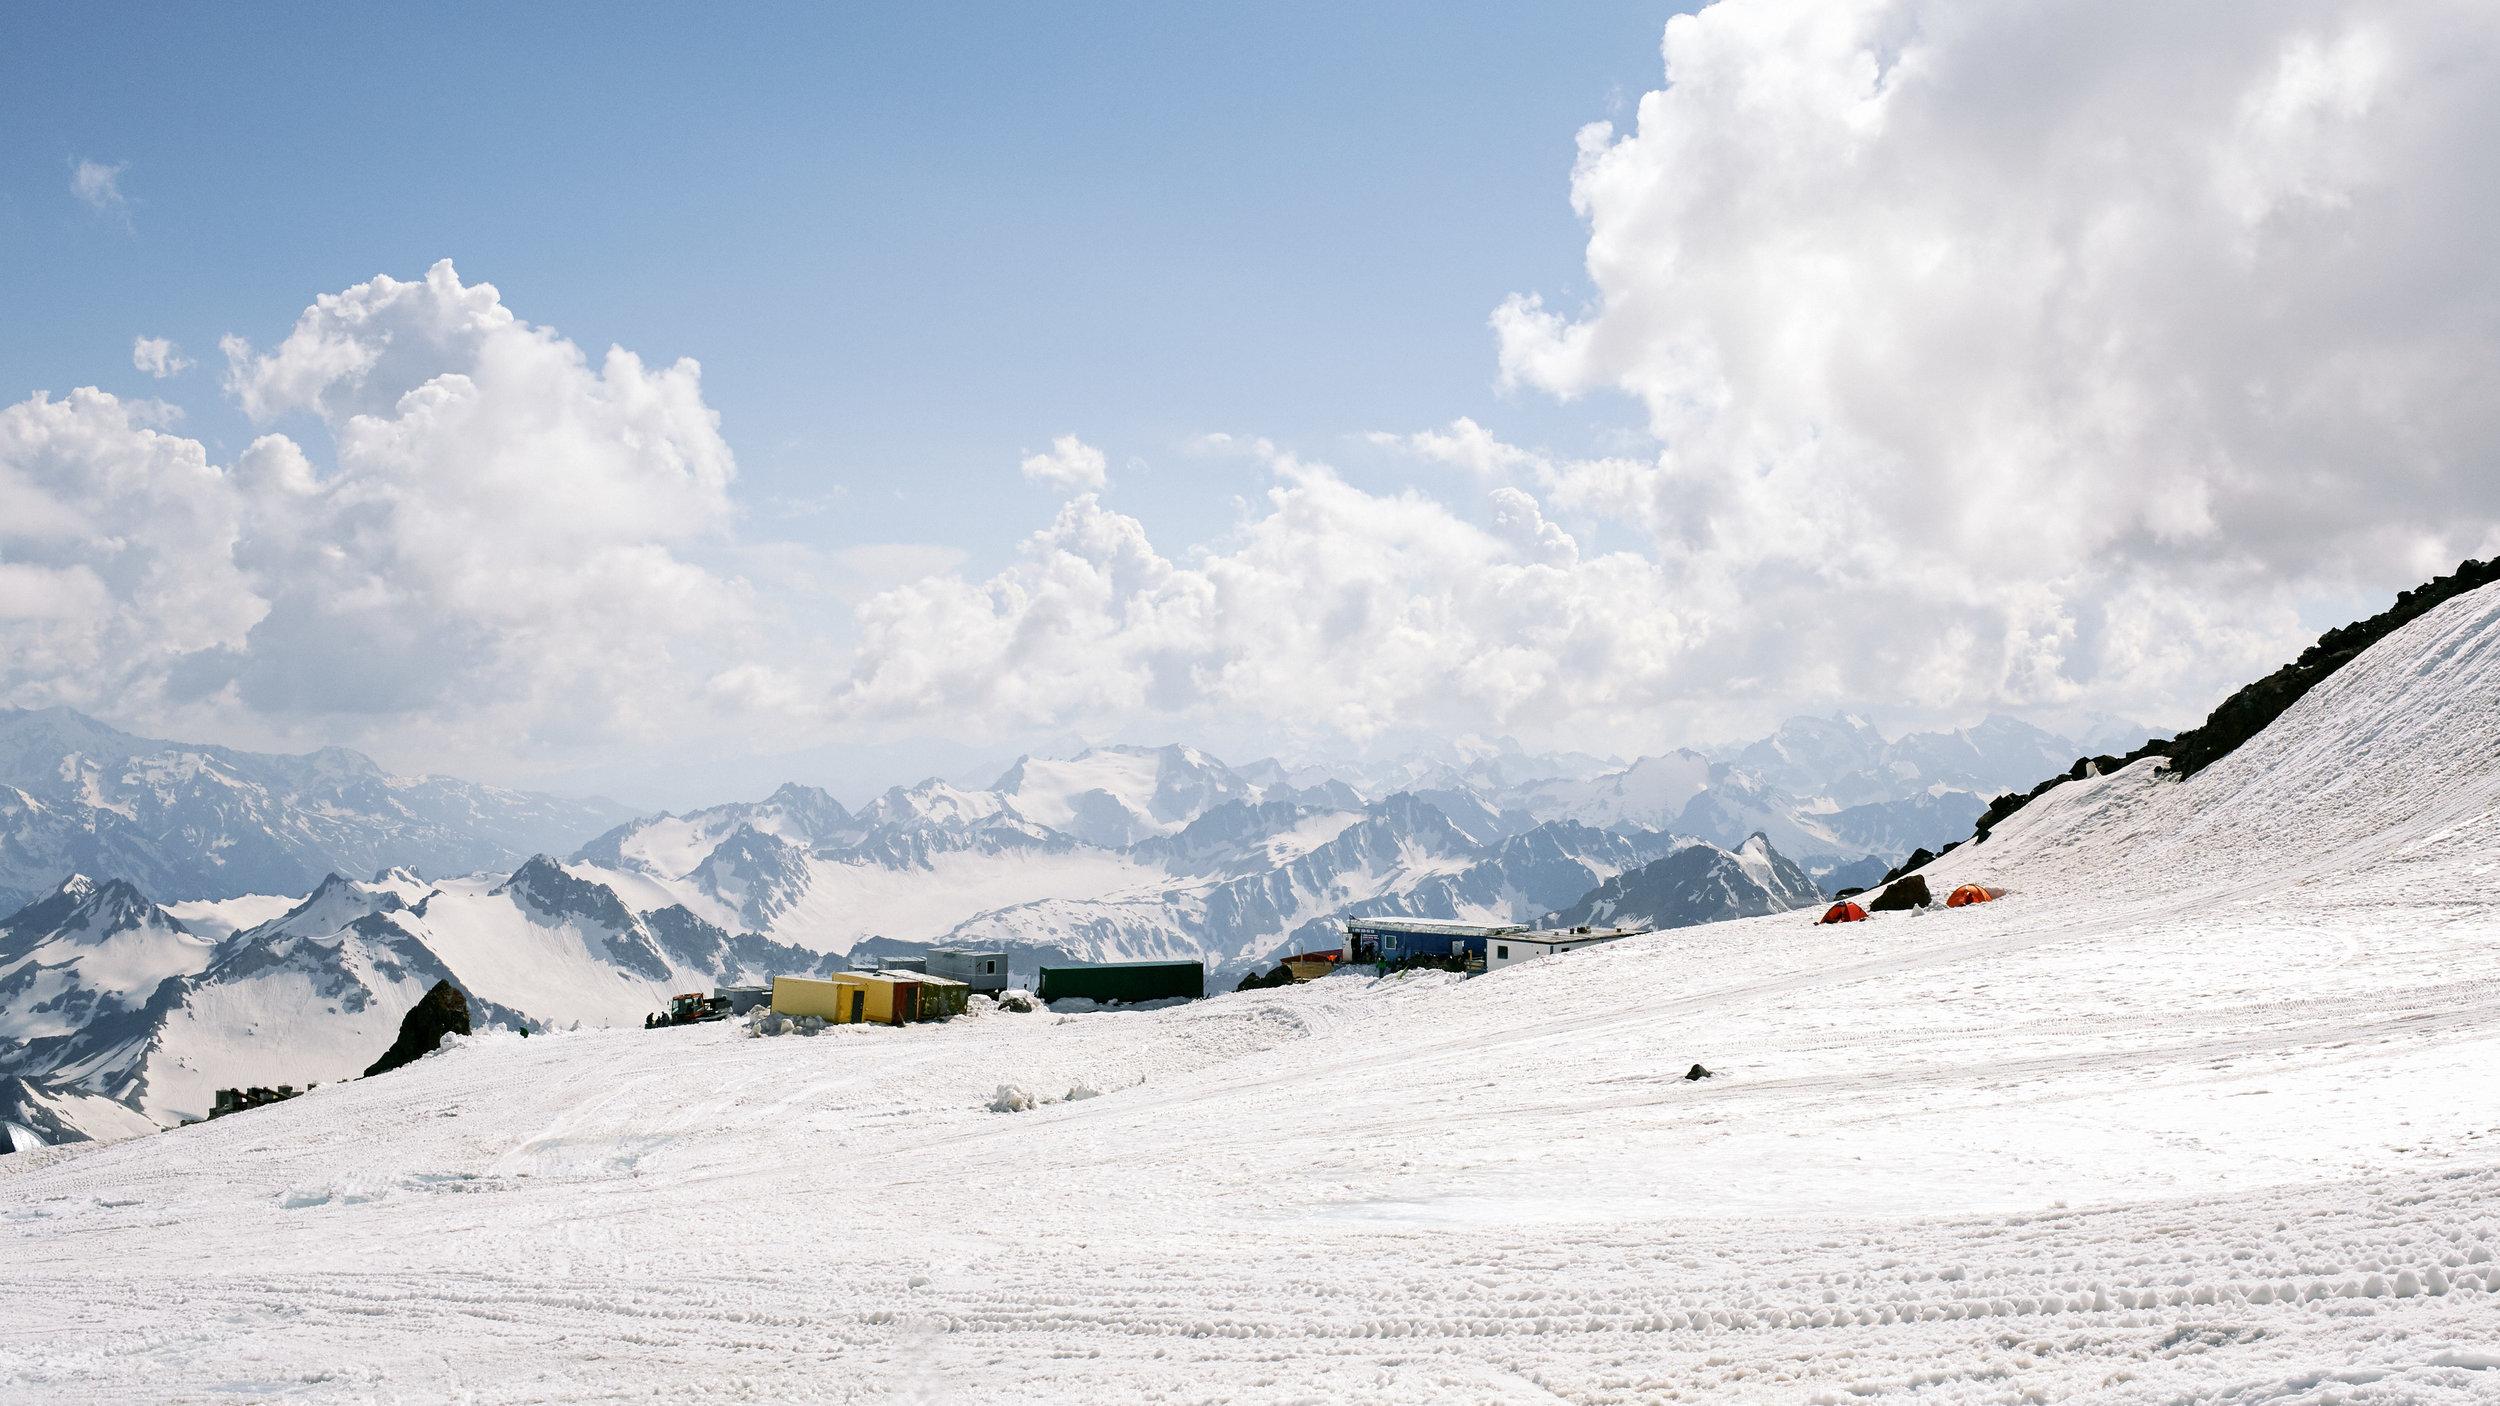 170716_Elbrus_318.jpg